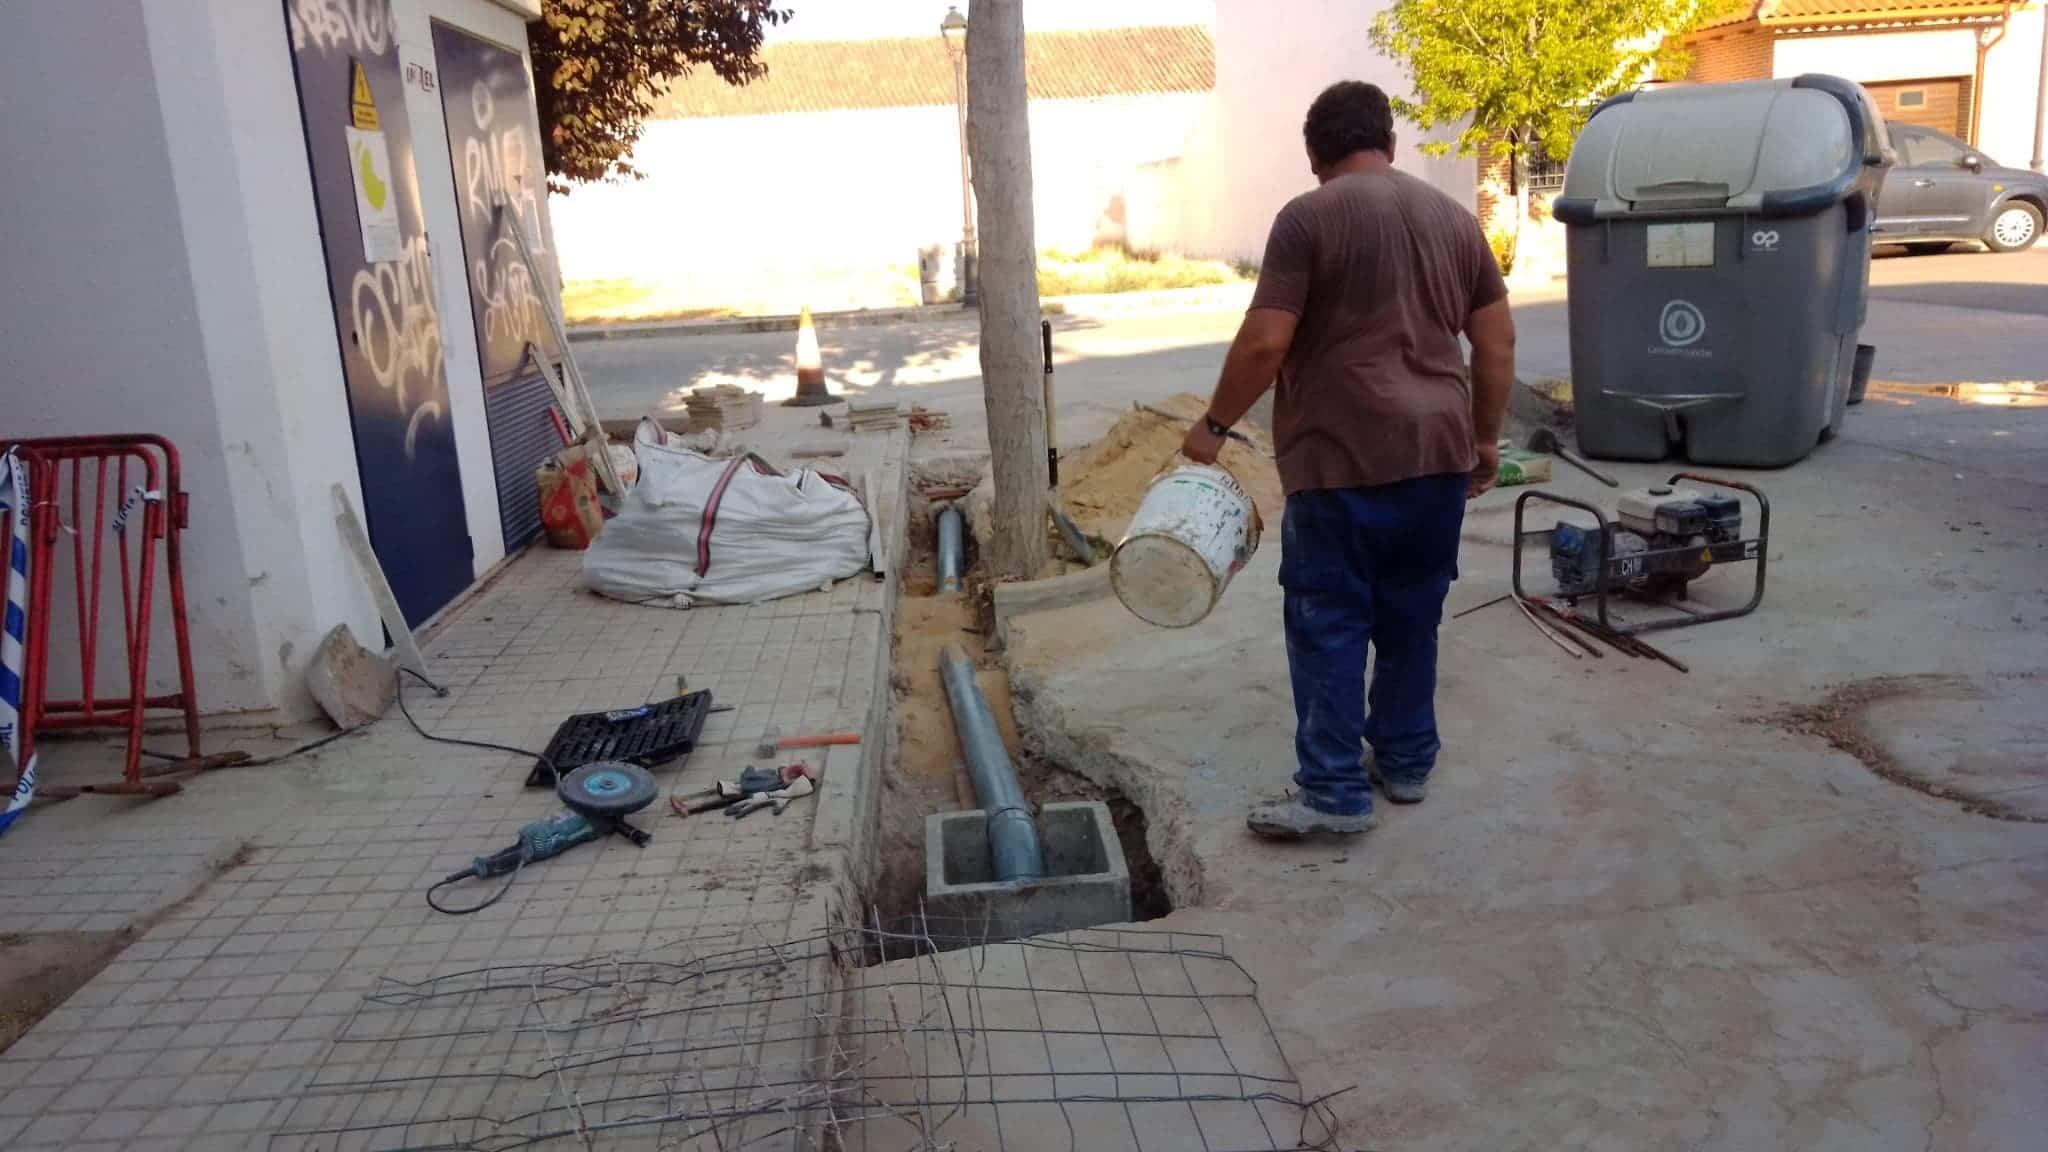 Herencia continua realizando mejoras, limpiezas y recogiendo residuos 7